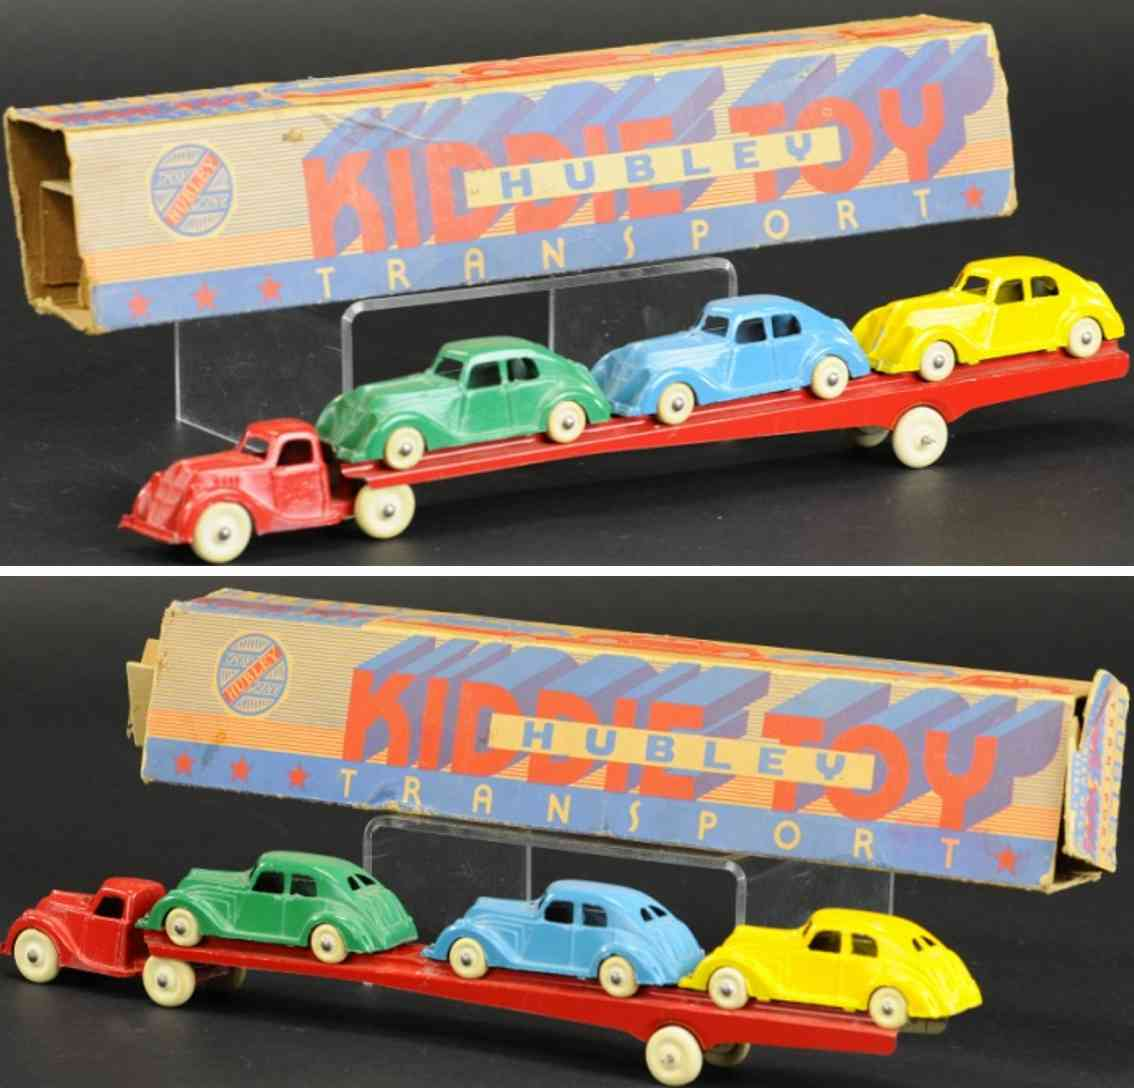 hubley spielzeug gusseisen autotransportwagen rot drei autos